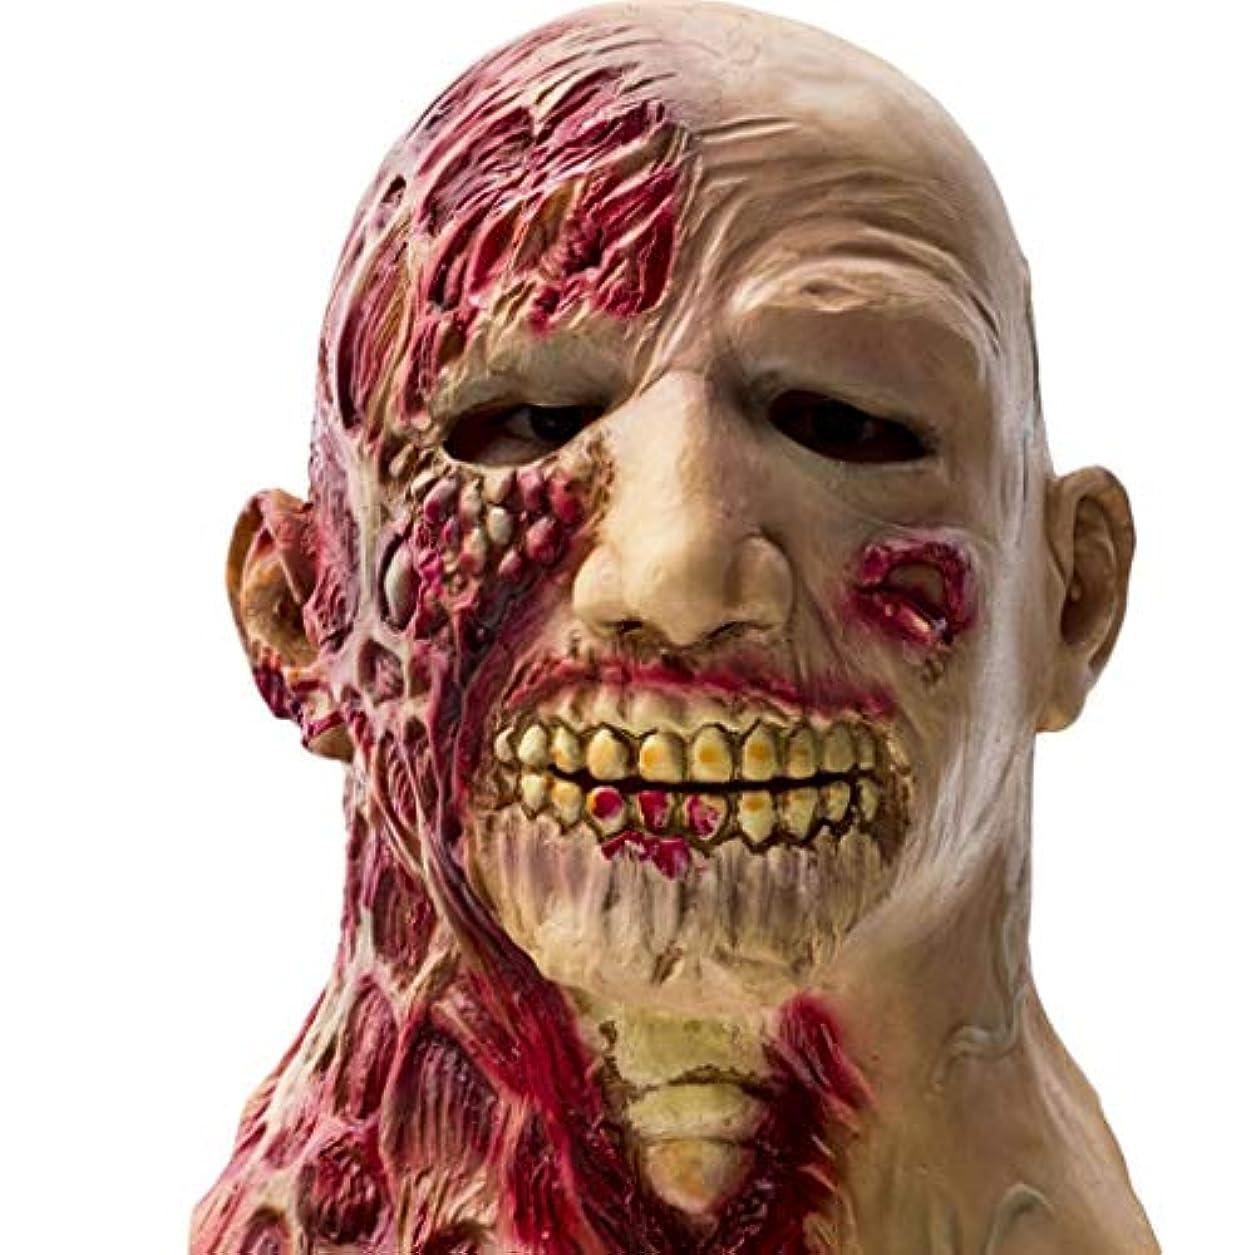 手がかり植物の不機嫌ハロウィン大人のラテックスホラーマスクしかめっ面マスクパーティーマスク怖い悪魔マスク映画小道具仮面舞踏会マスク